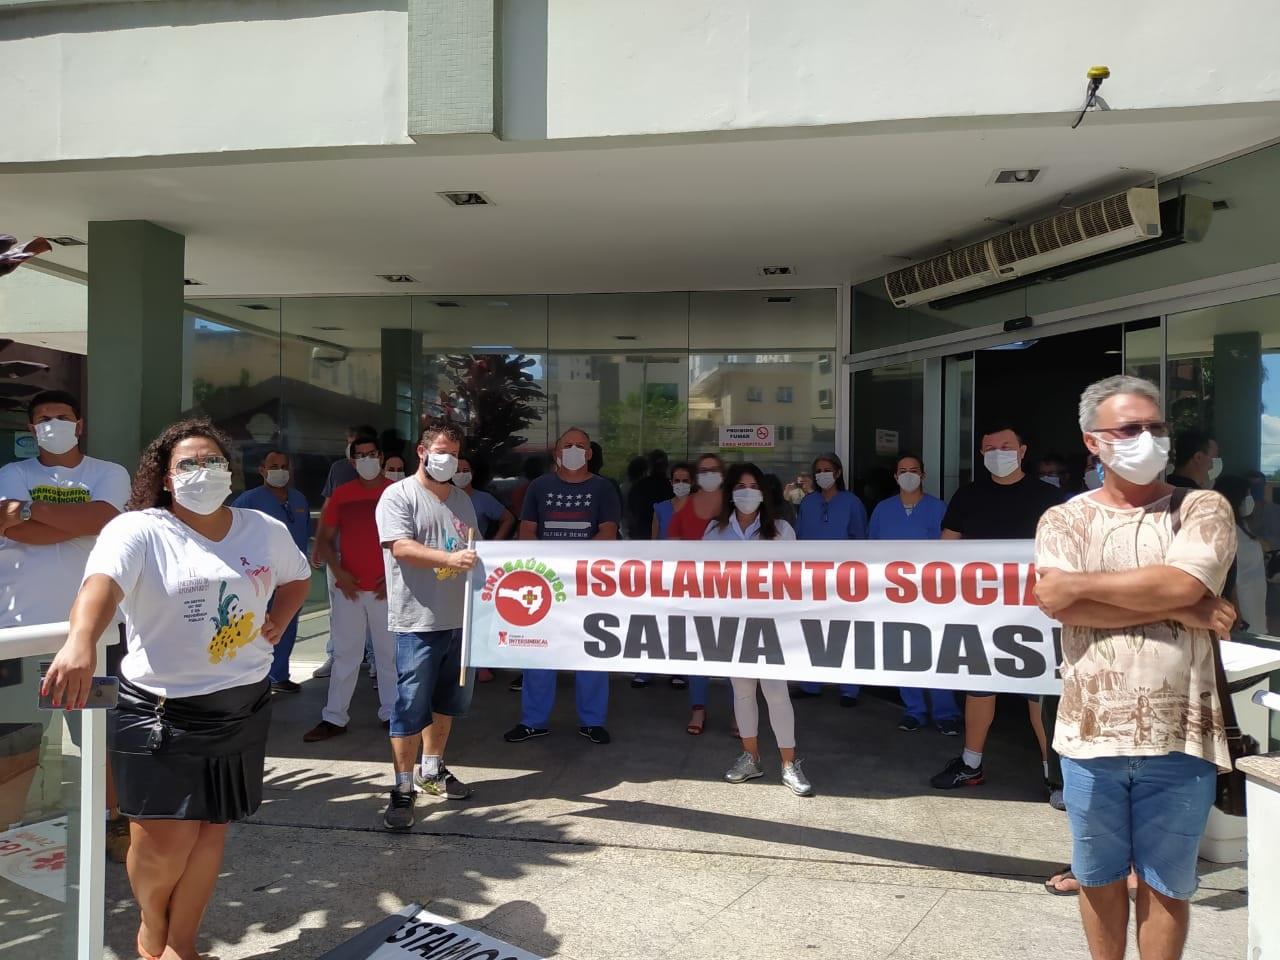 Divulgação/Sindsaúde - Faixa em defesa ao isolamento social